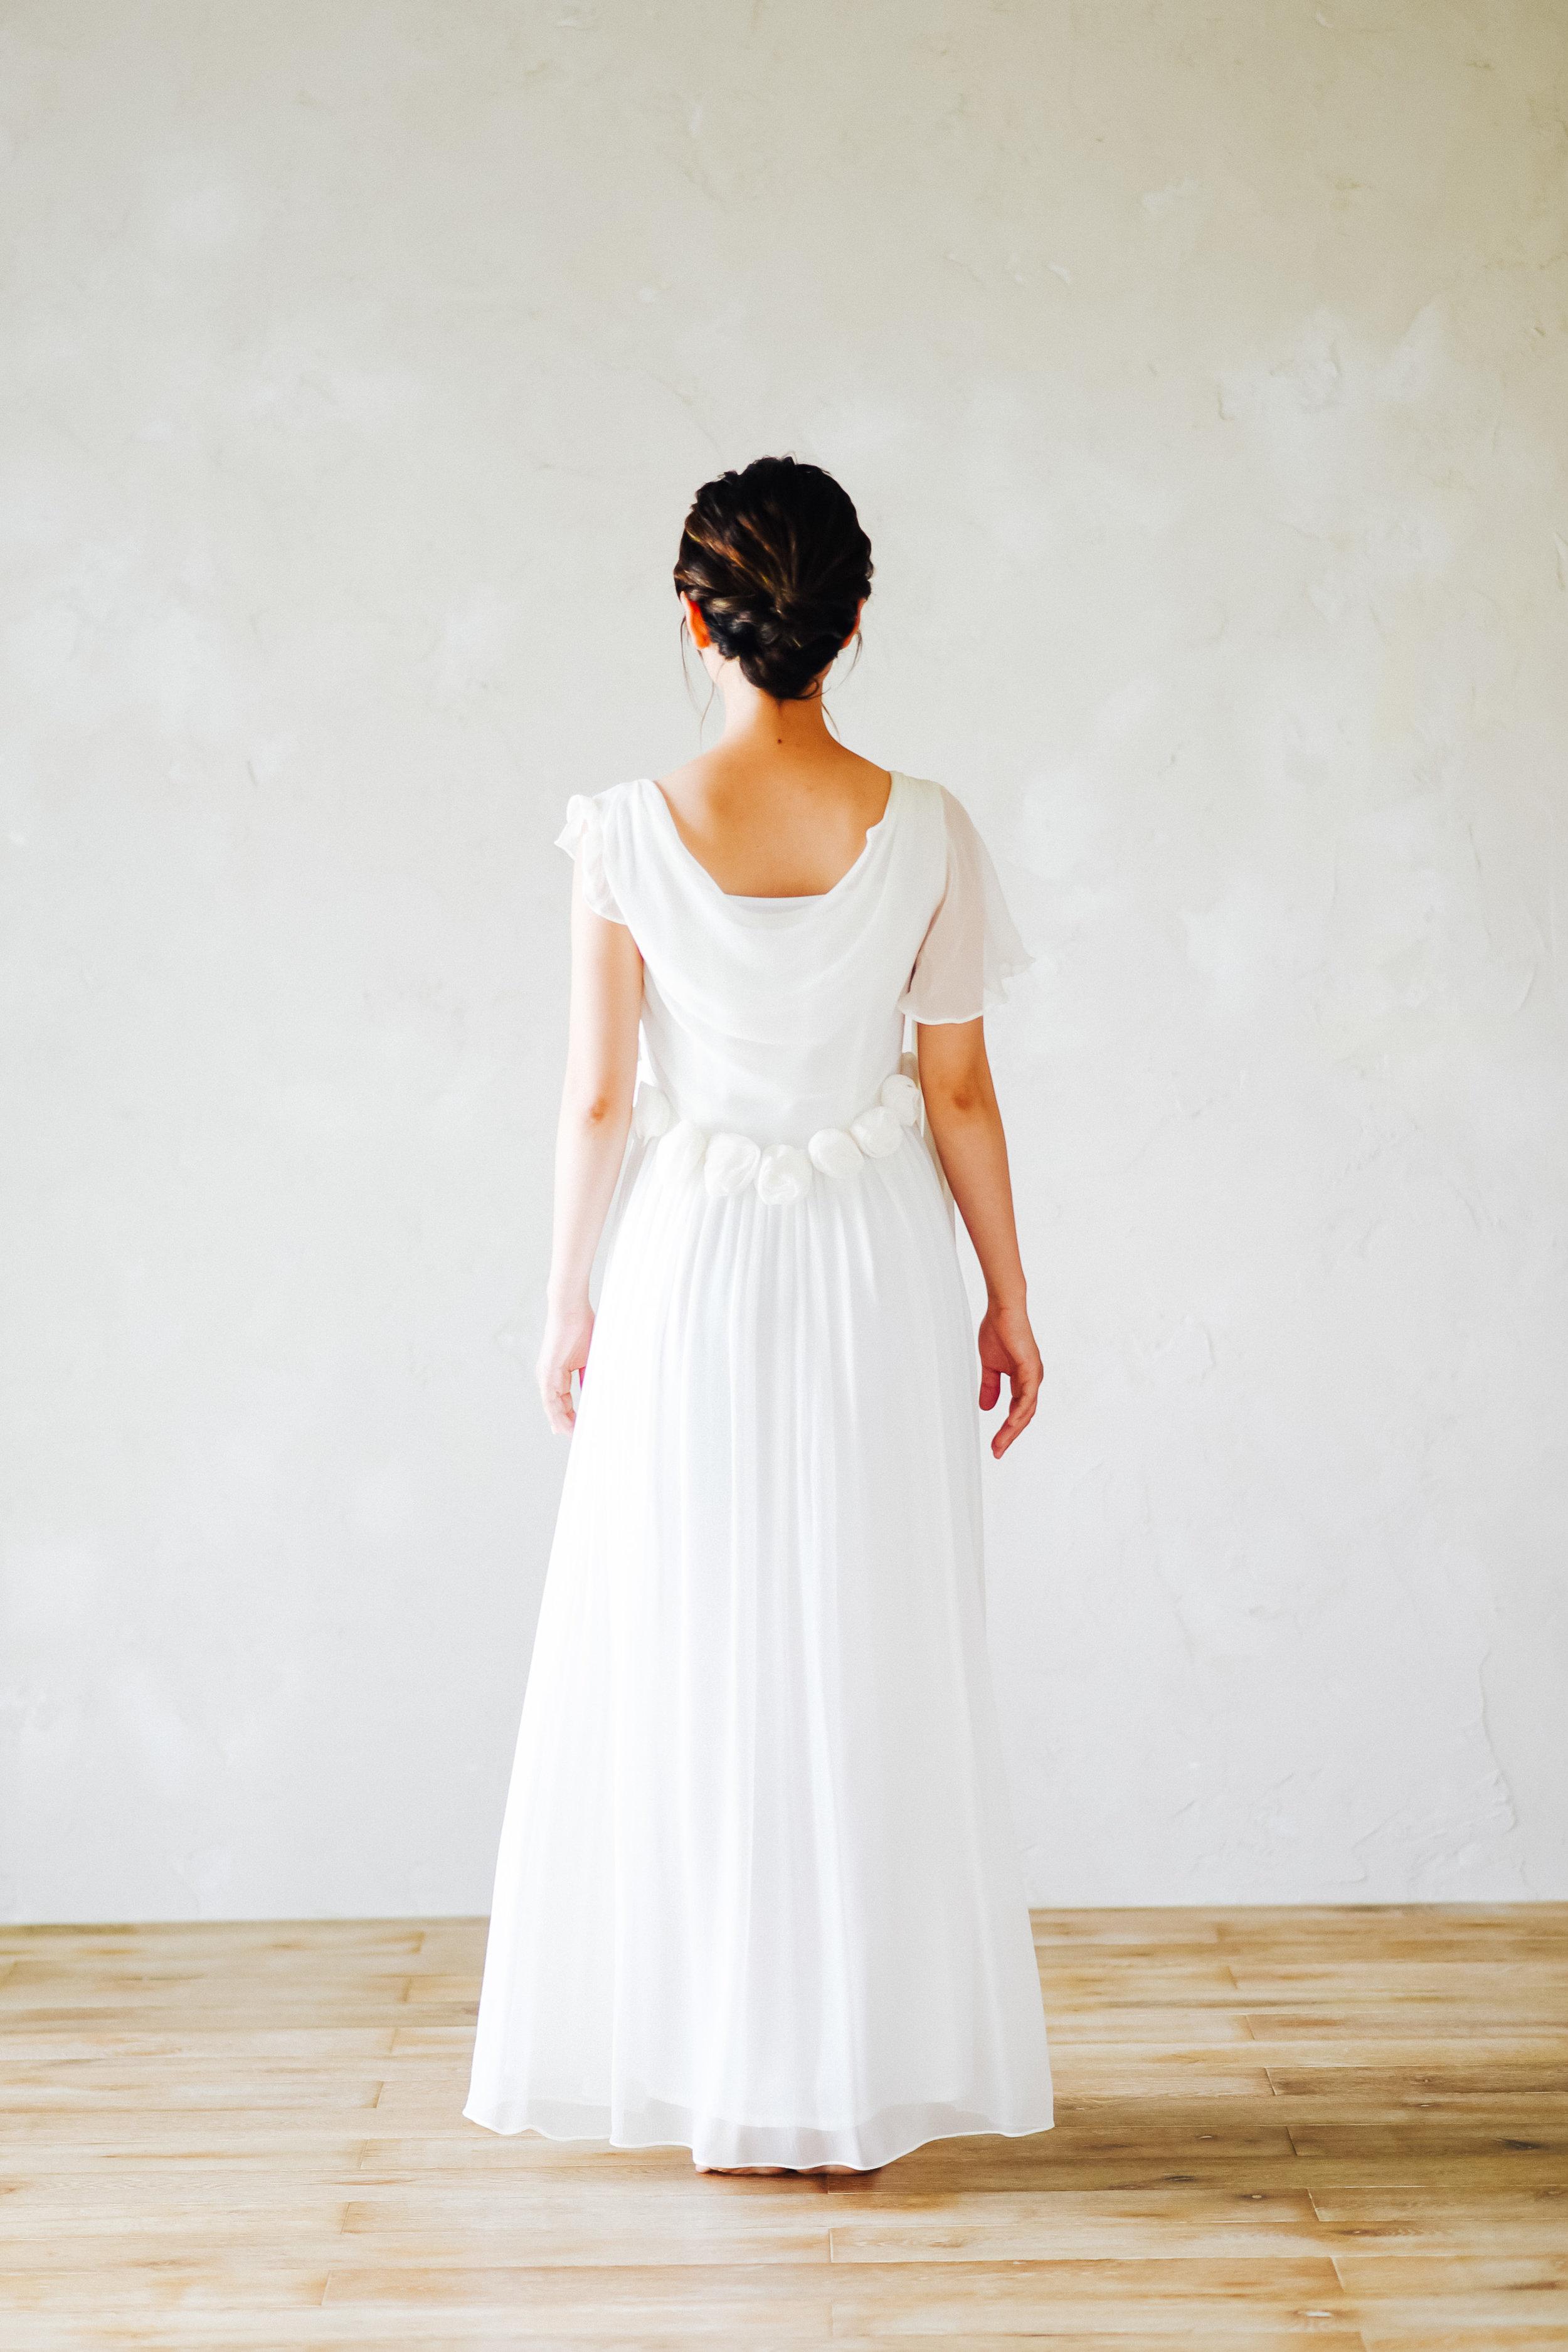 dress4_3.jpg